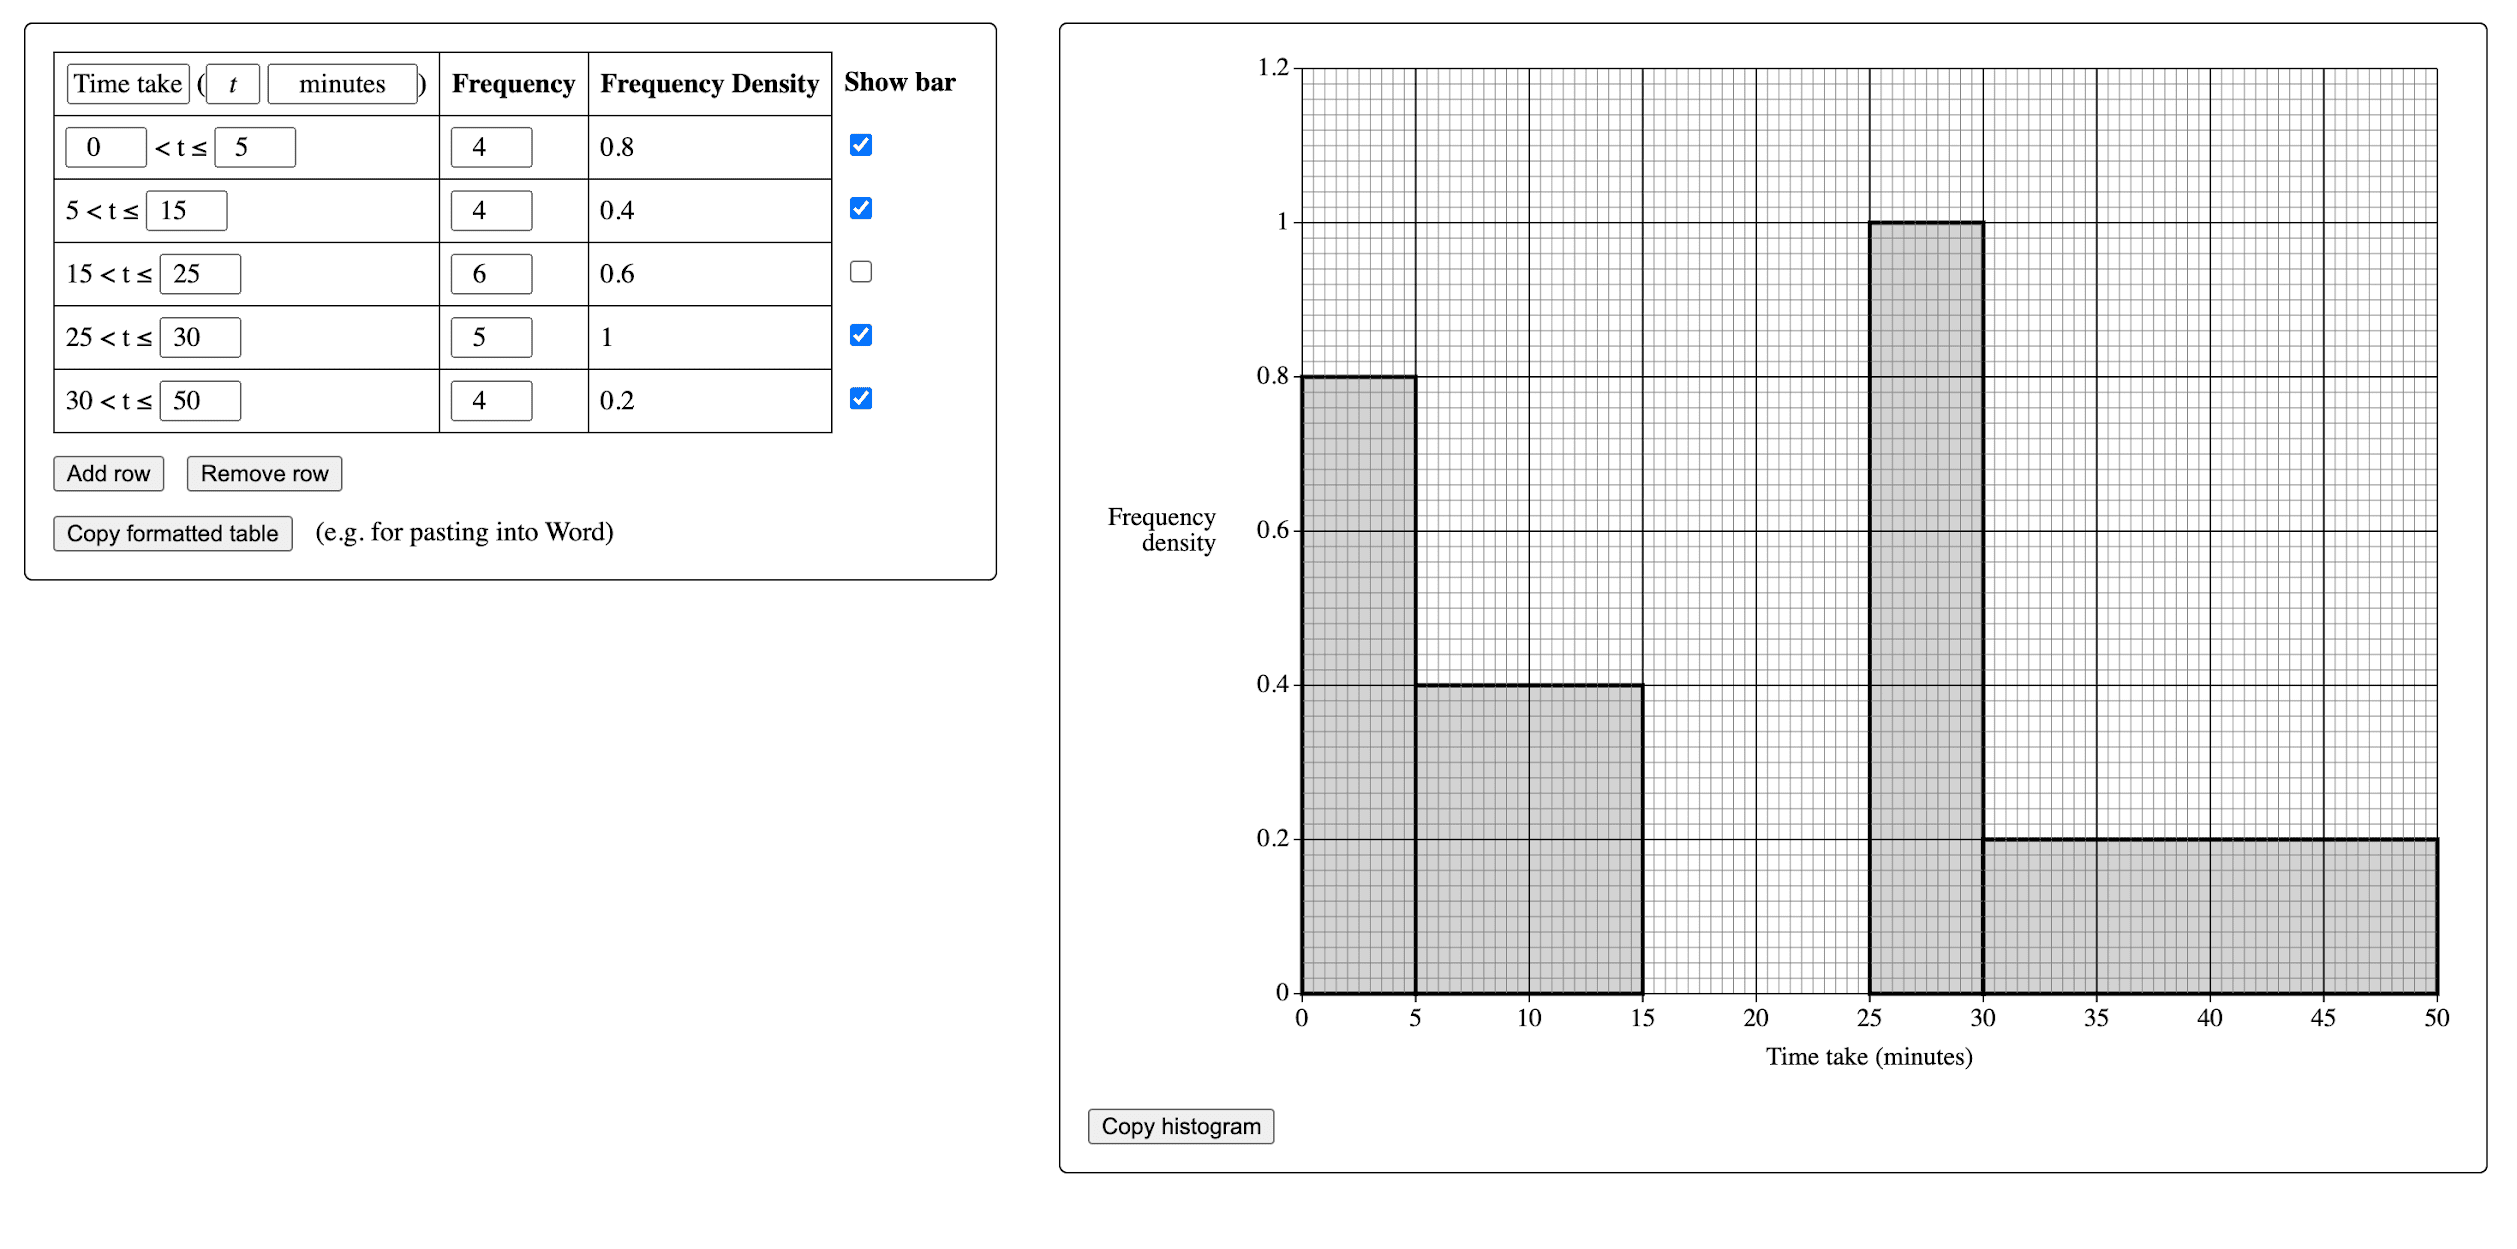 Resourceaholic [ 1249 x 2517 Pixel ]